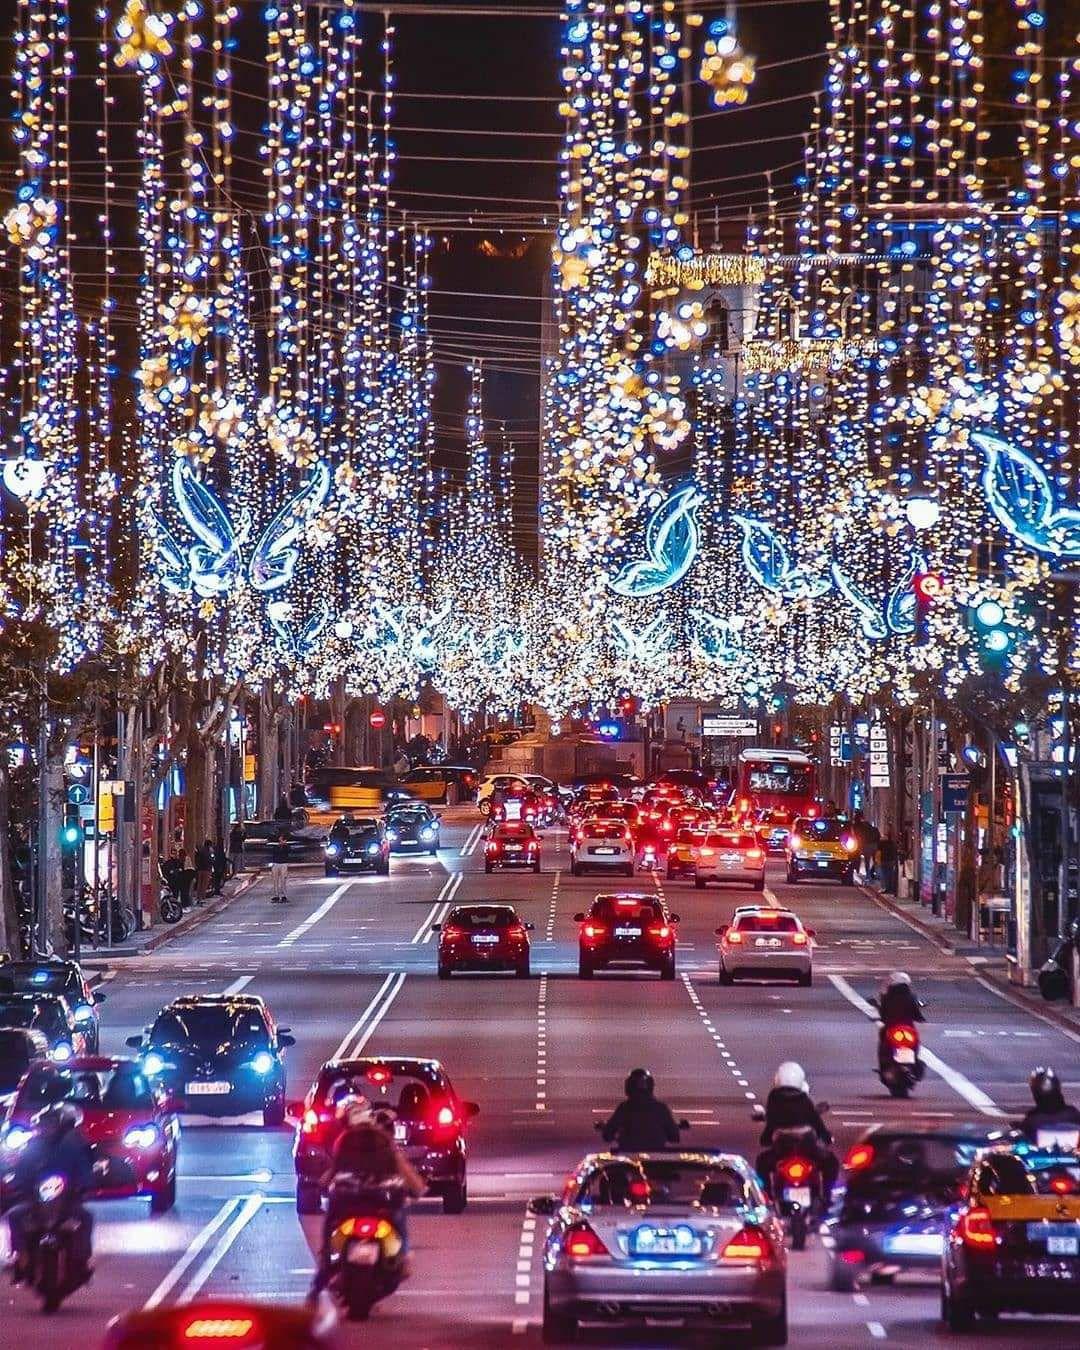 Les illuminations de Barcelone